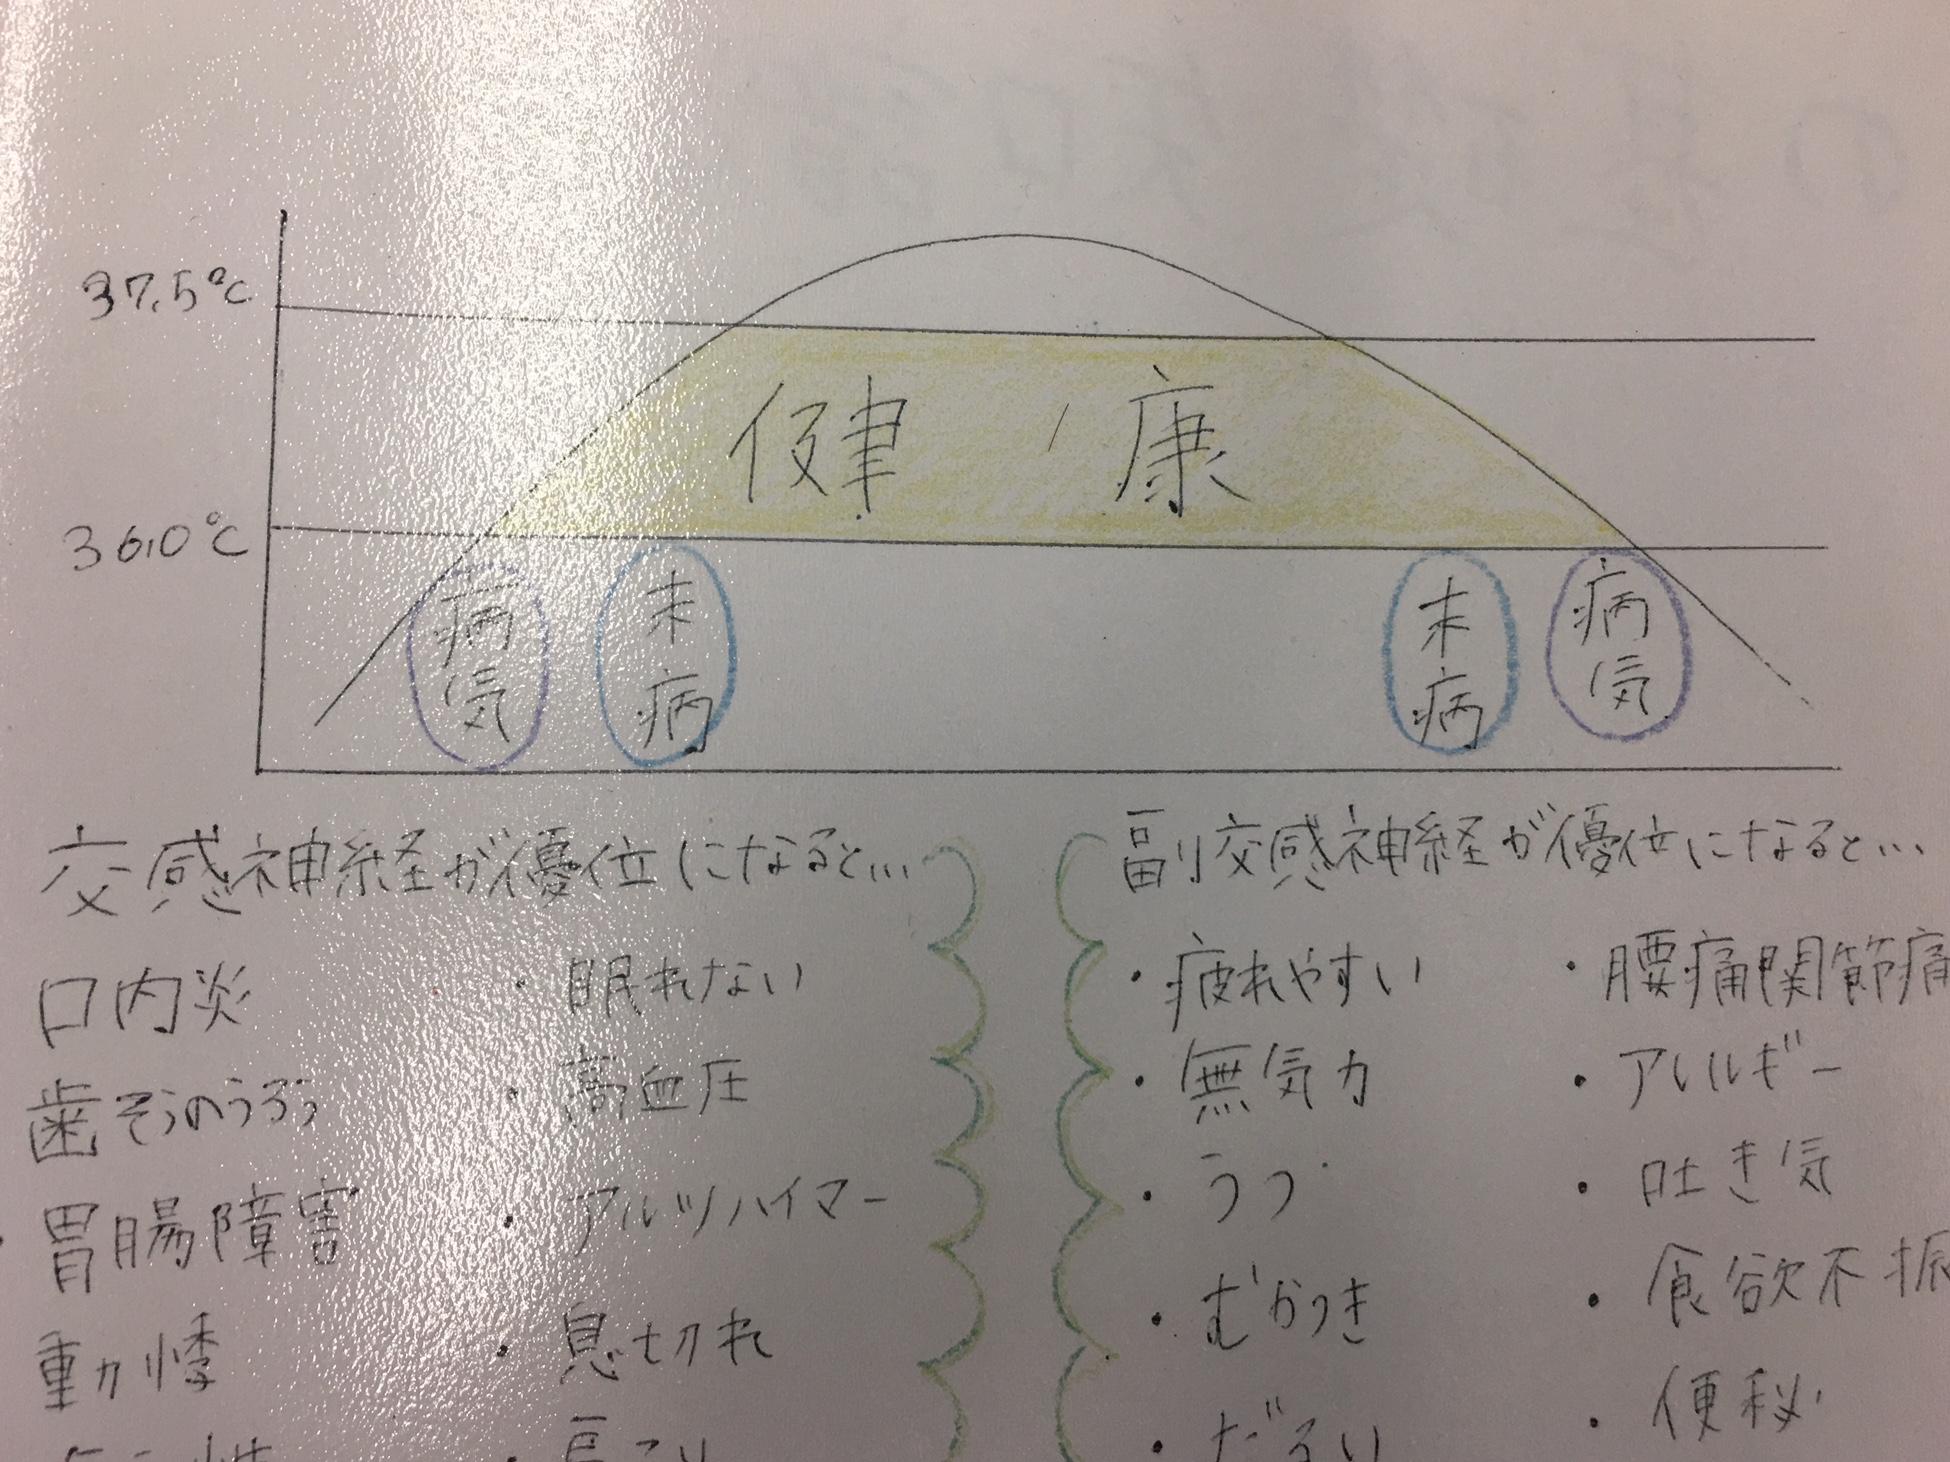 自律神経 http://www.ankh-jp.com